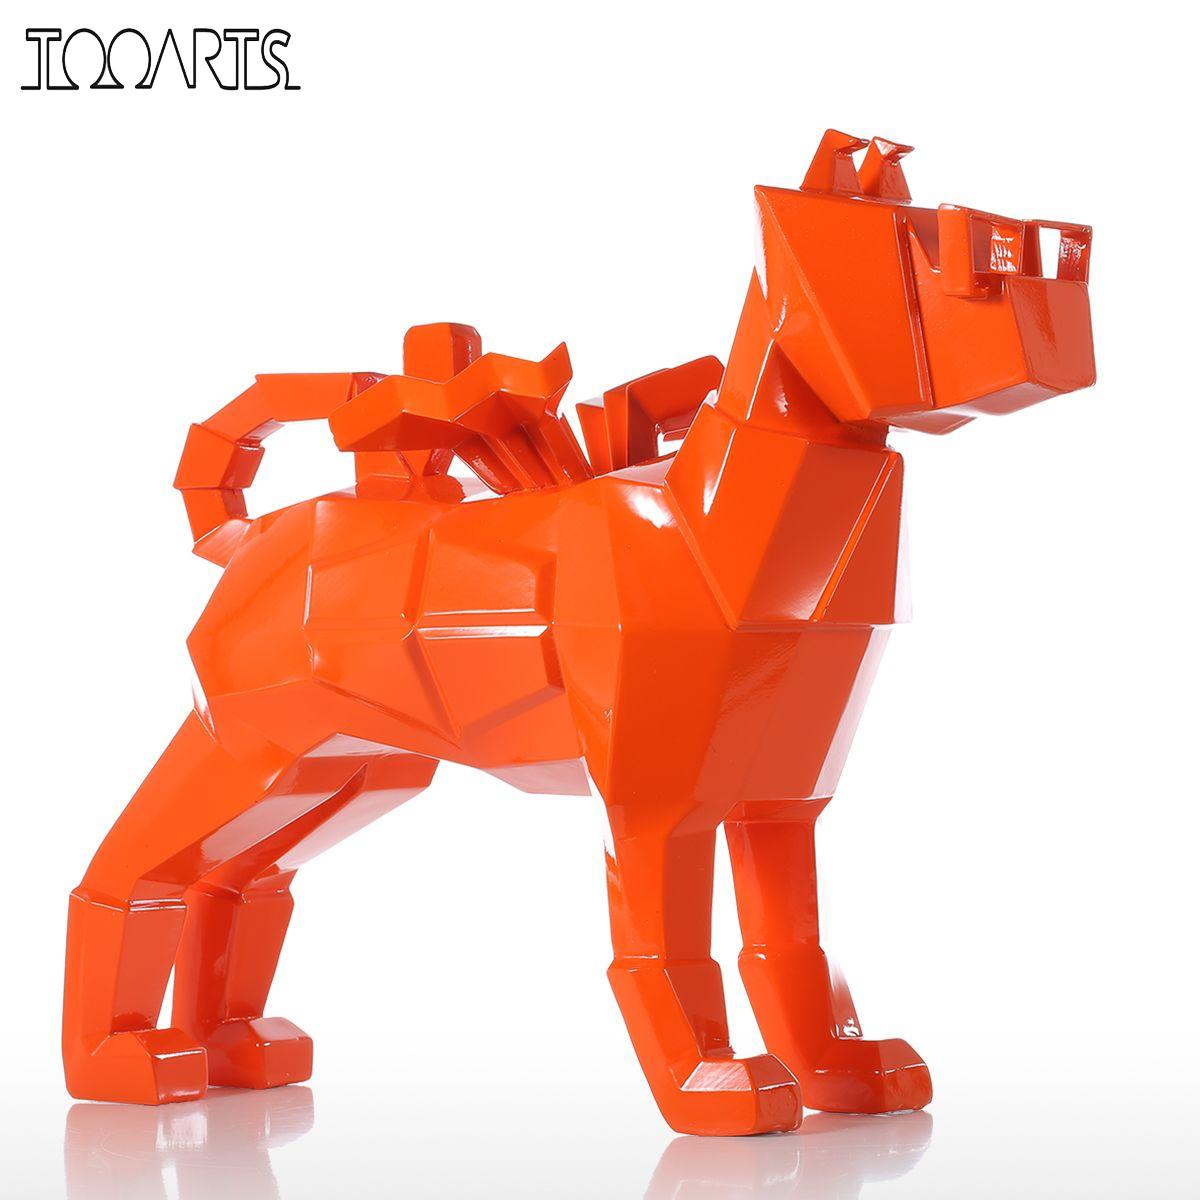 Tooarts Tomfeel Brýle Figurky pro psy Oranžová Malá velikost Pryskyřice Socha Domácí výzdoba Moderní umění Figurka Zvířecí socha Sklolaminát